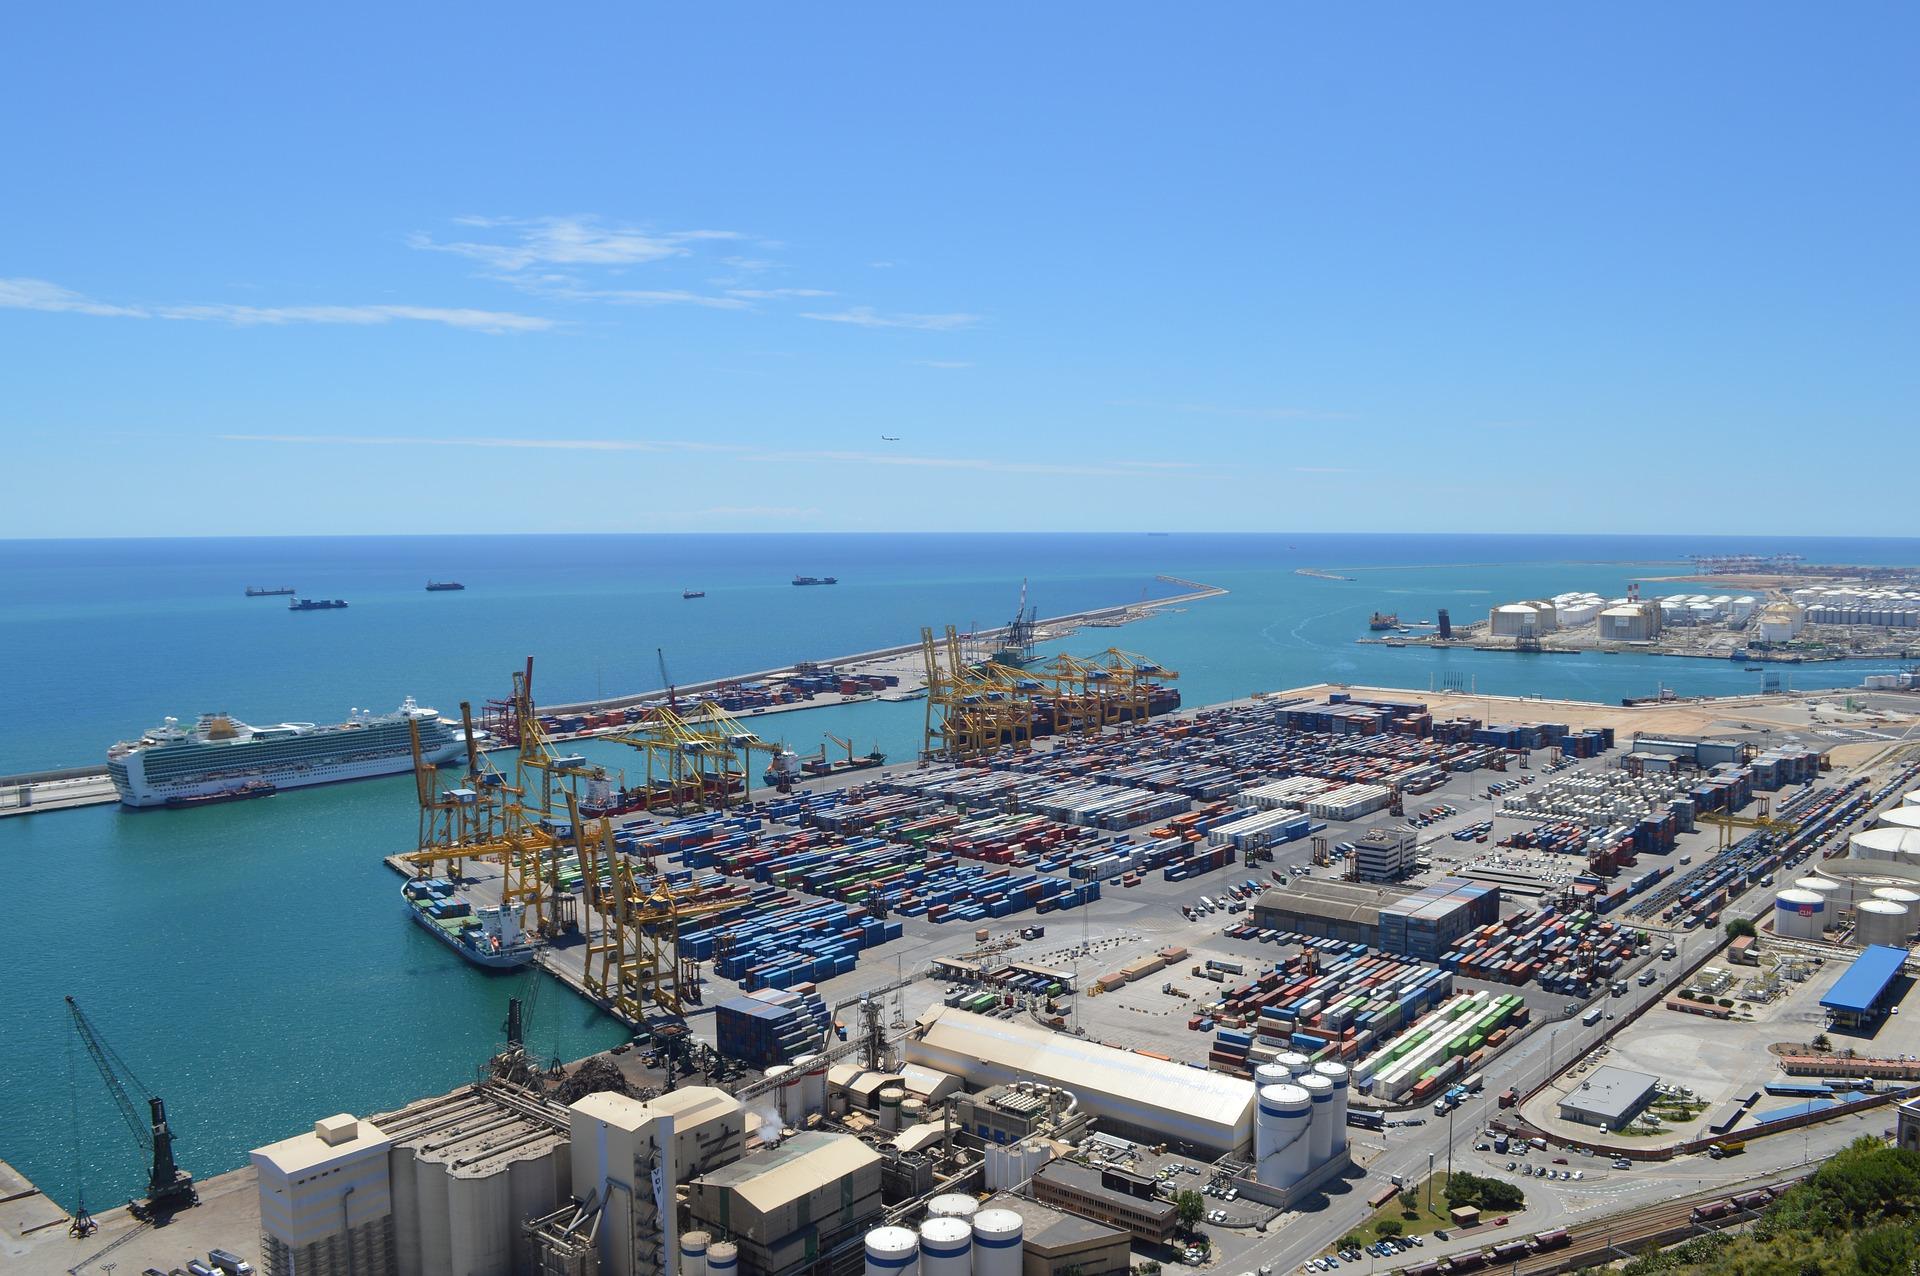 Hafen von BCN hier ist am meisten Traffic während eures Städtetrips